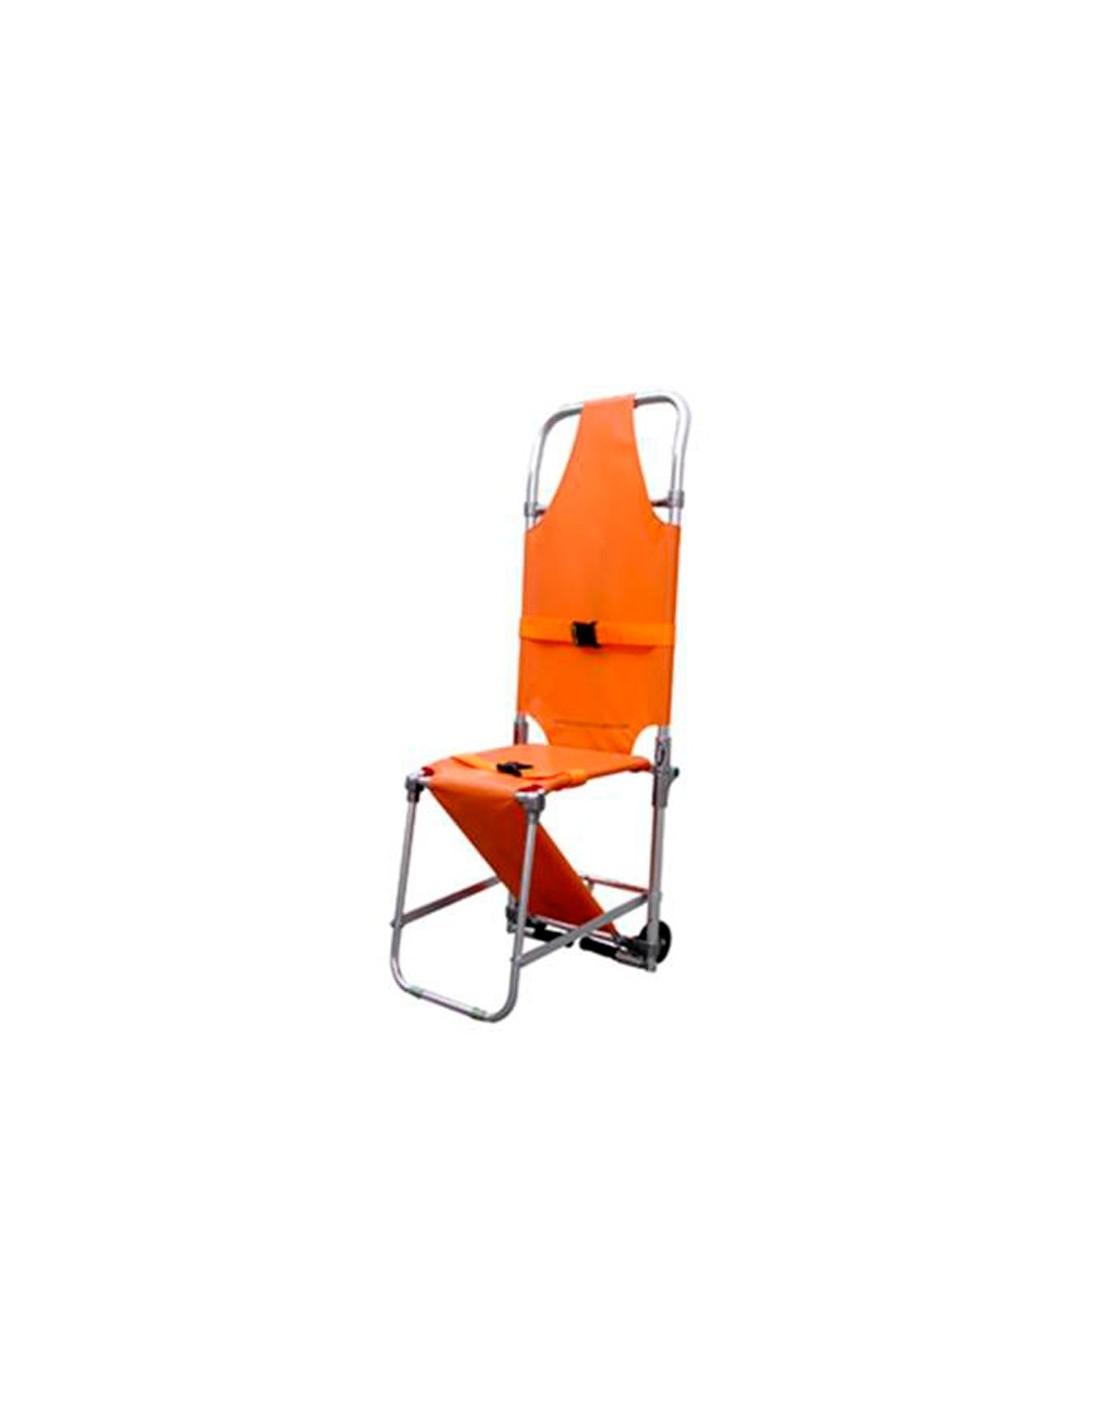 Camilla plegable apilable convertible en silla iberomed for Silla convertible en escalera